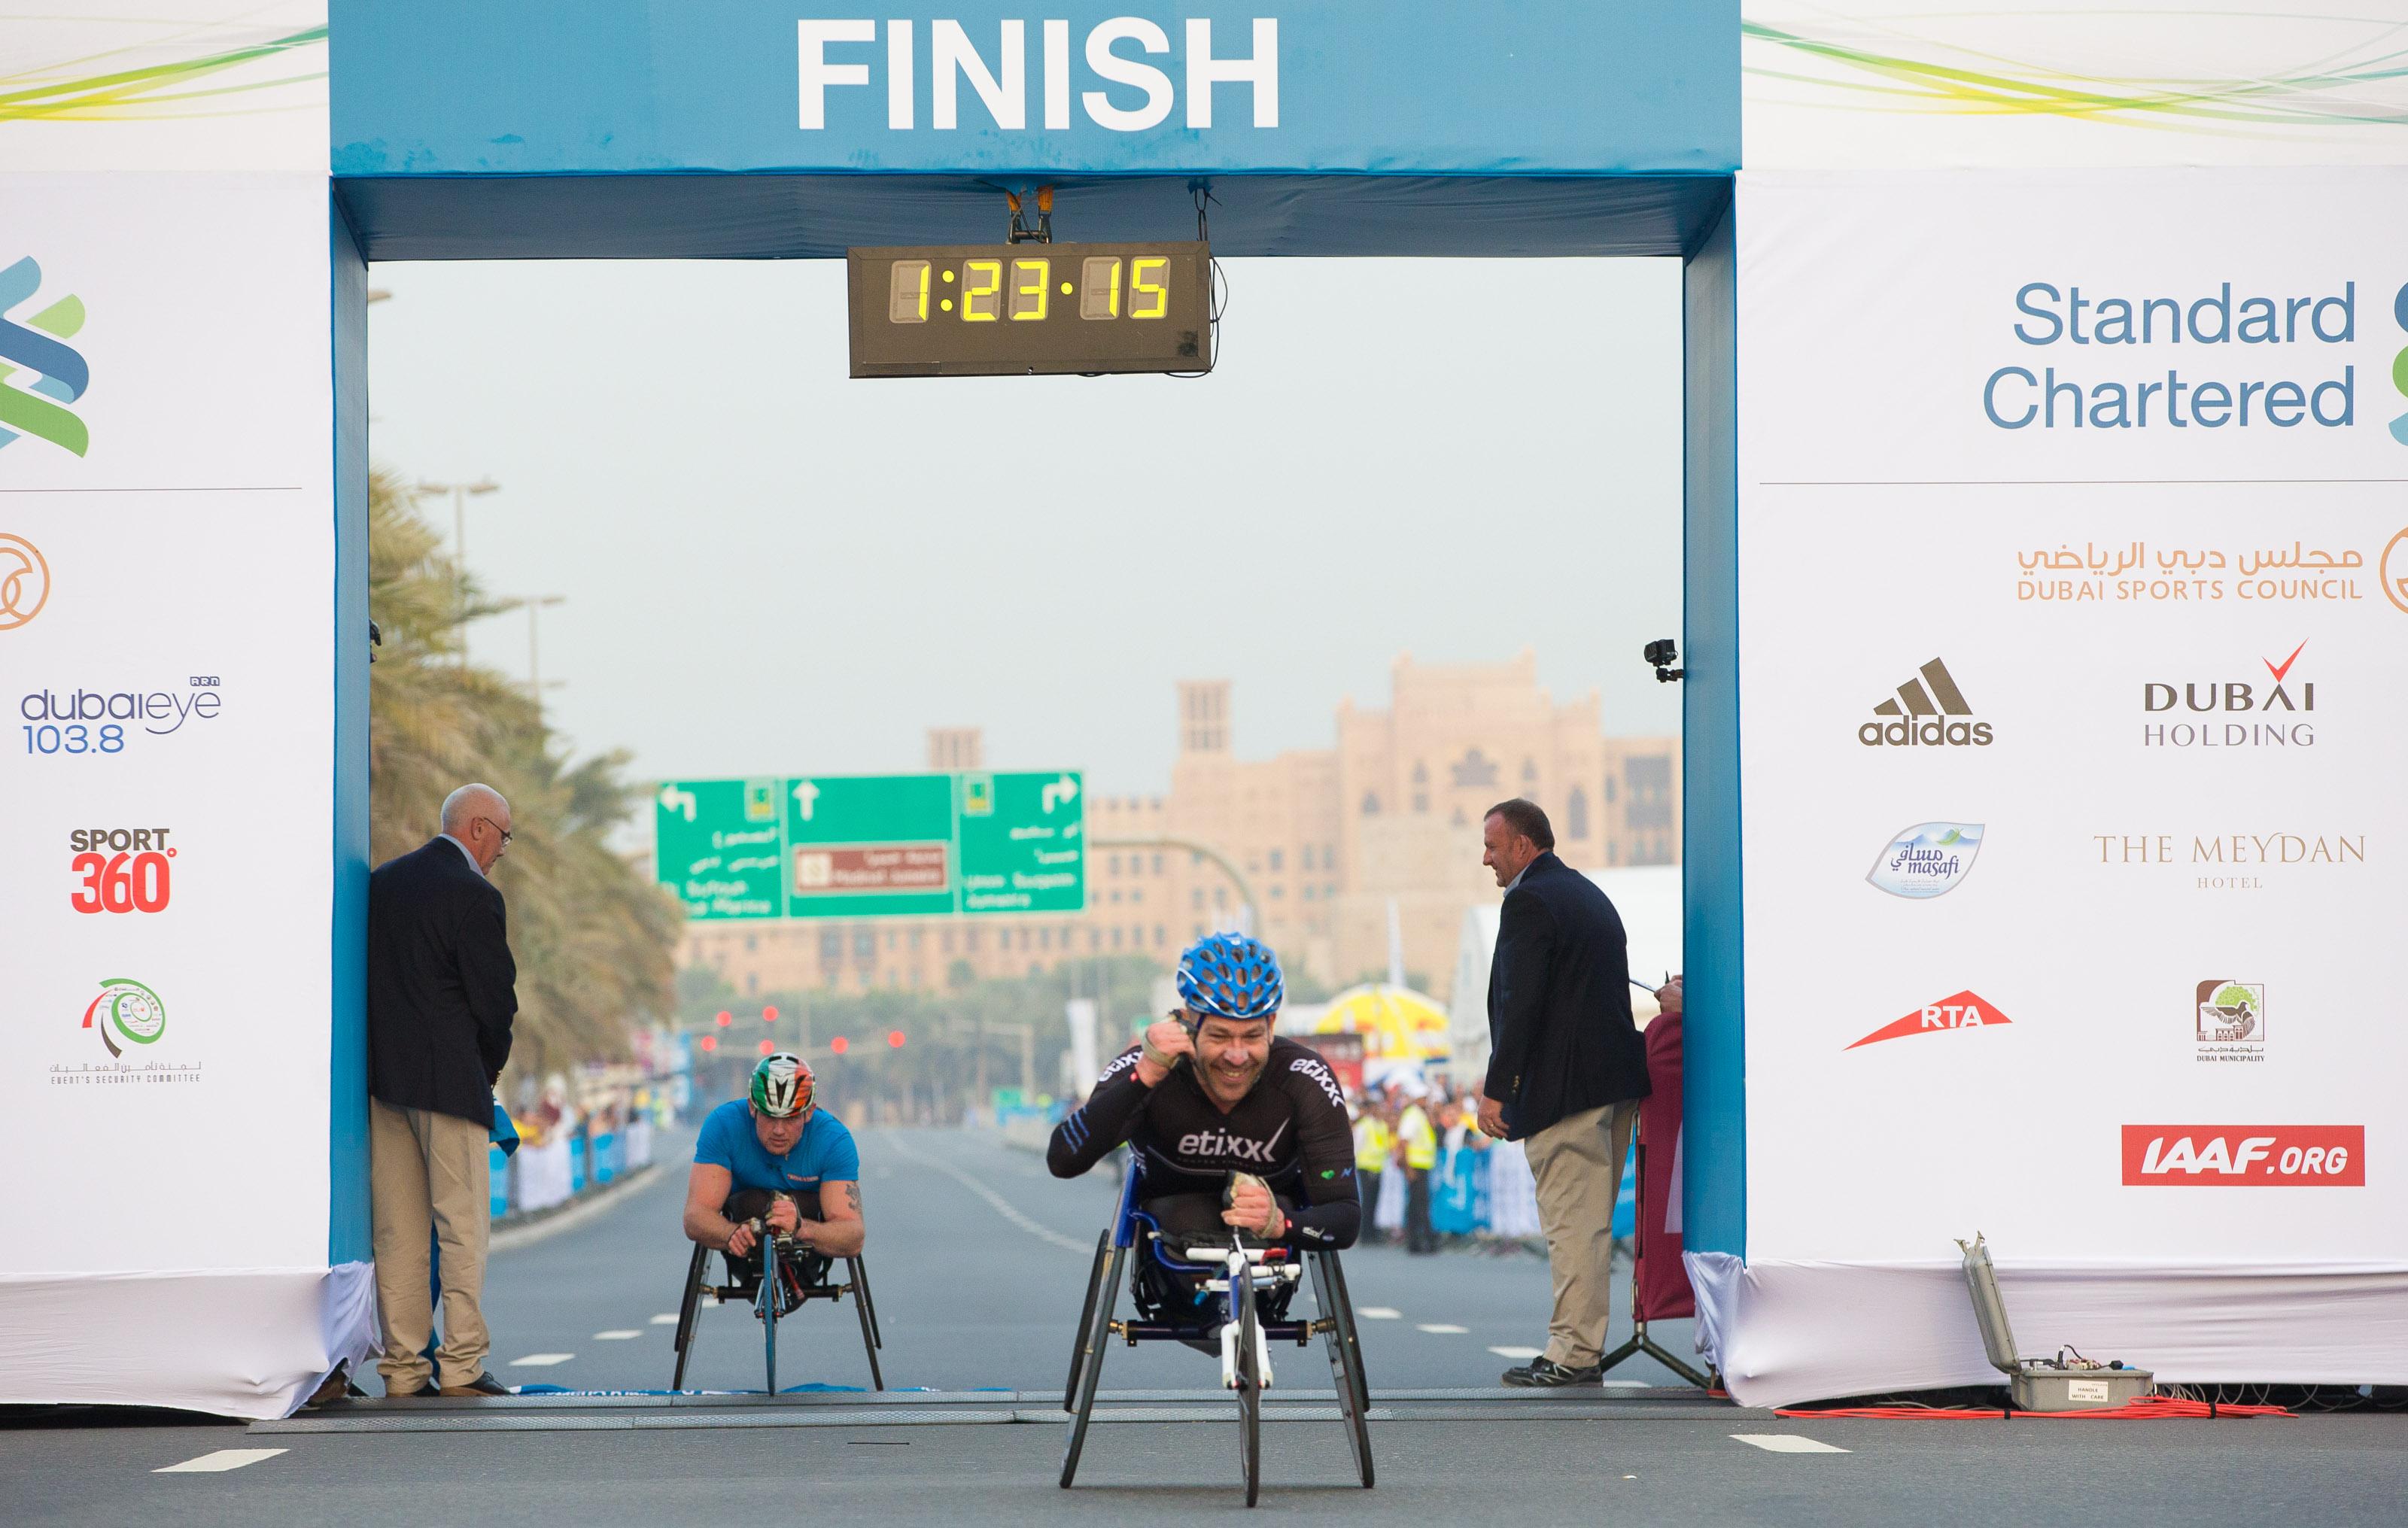 El atleta español, Rafa Botello, tras cruzar la meta en primera posición en Dubai. Fuente: Marathon Dubai